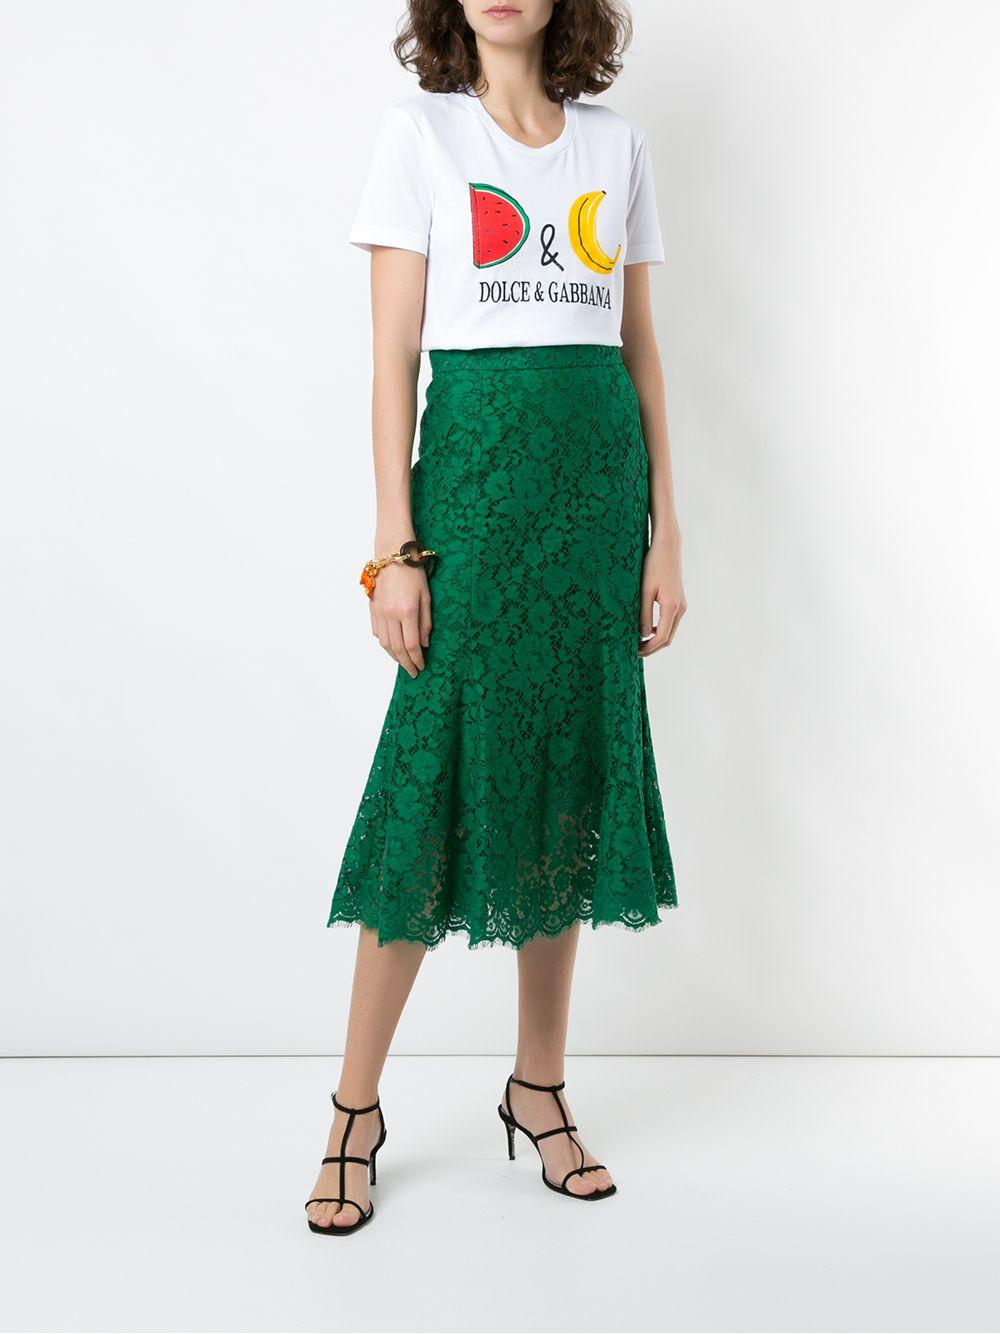 gonna in pizzo media lunghezza verde smeraldo con chiusura a zip DOLCE & GABBANA | Gonne | F4BT8T-HLMIJV0237